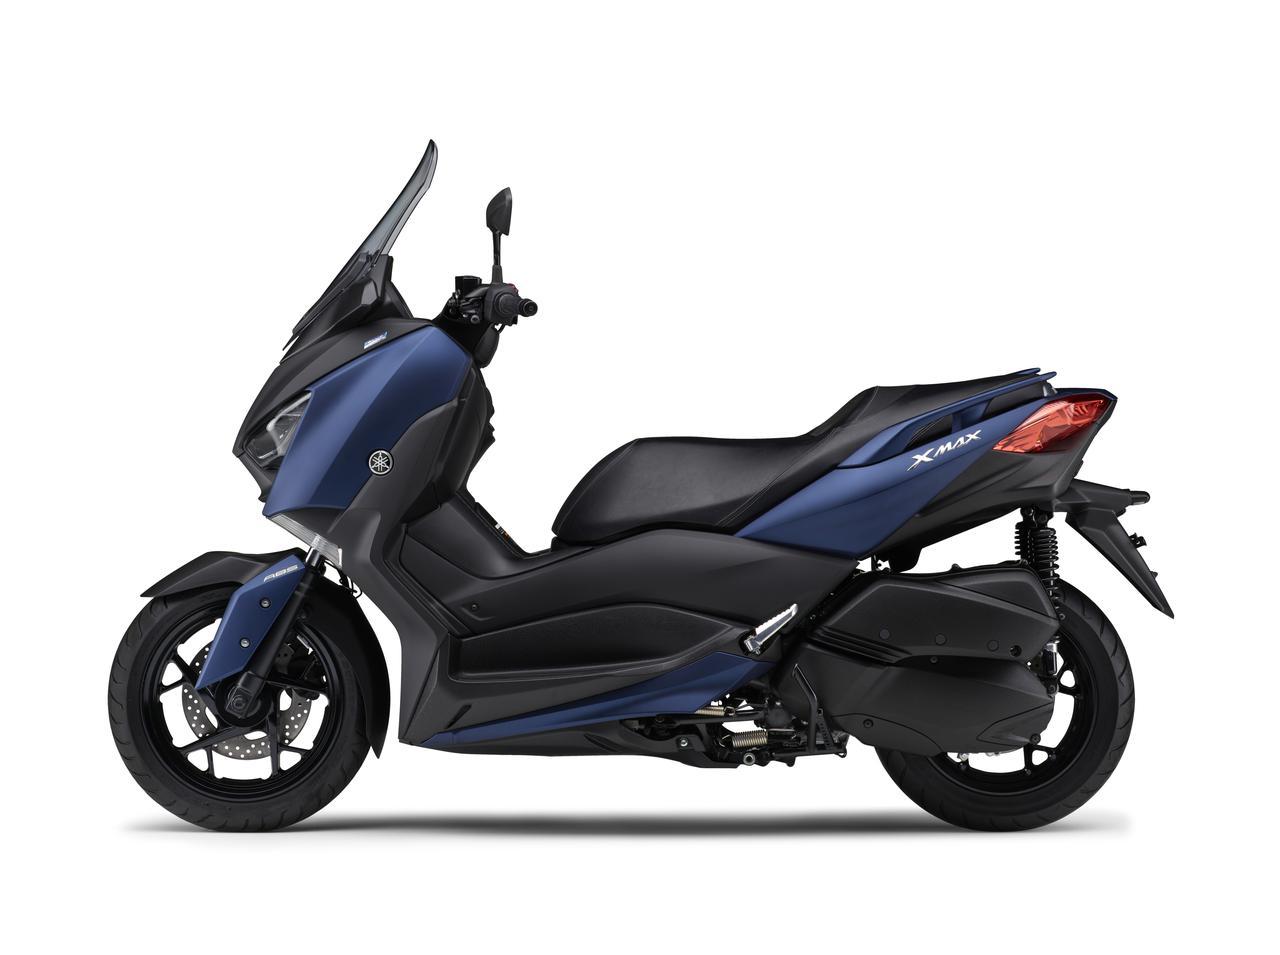 Images : 6番目の画像 - XMAX ABS 2020年モデル - webオートバイ